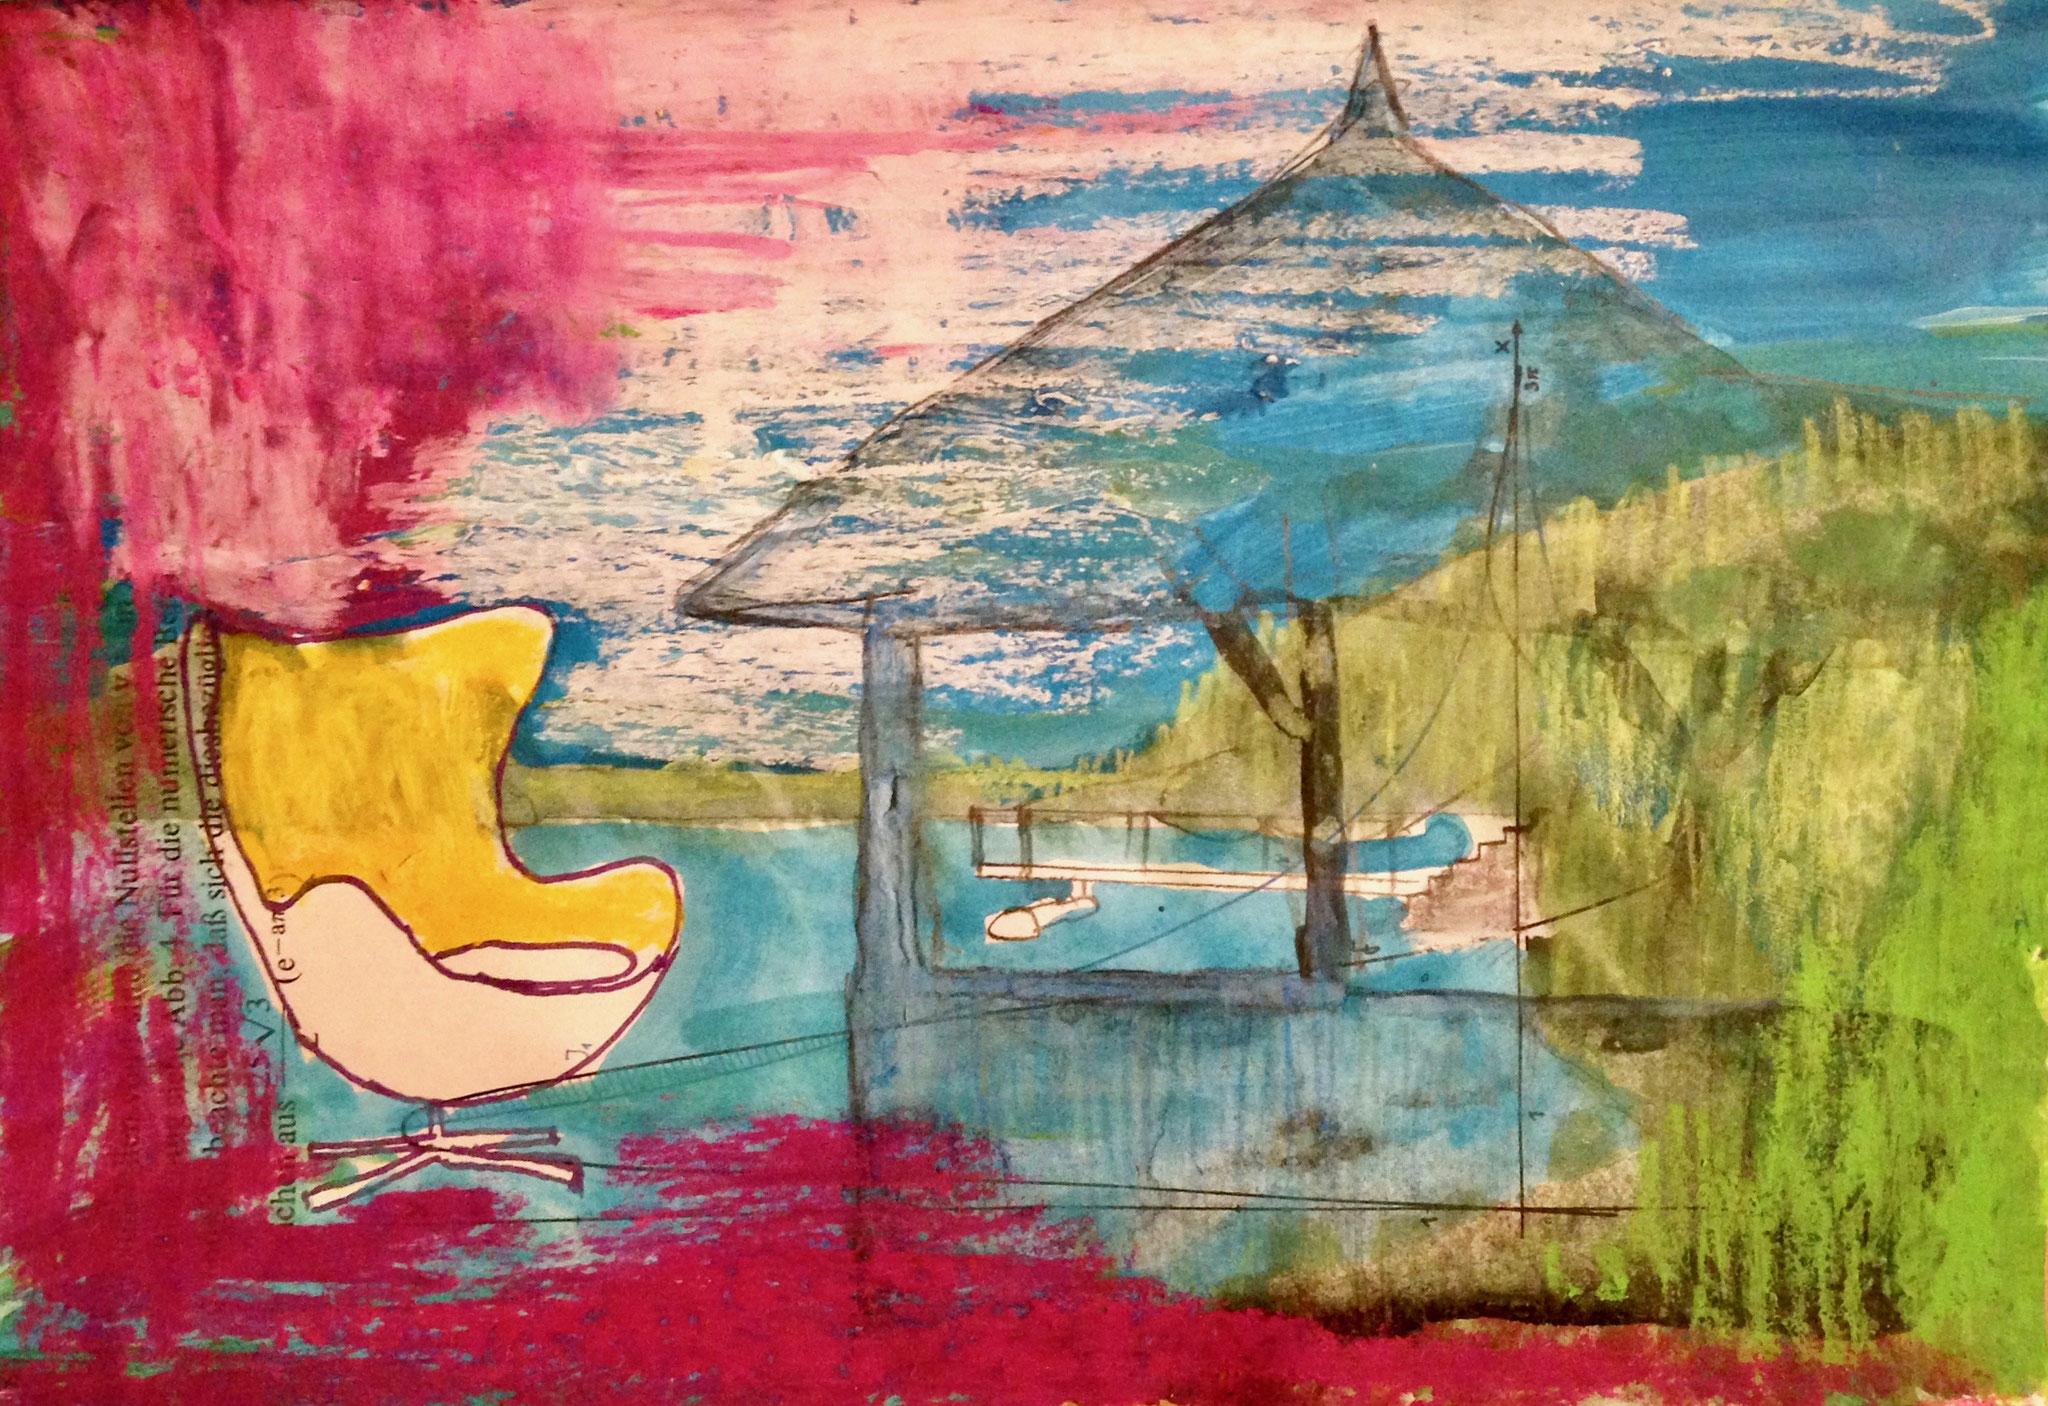 AUF EINMAL UM UNS DAS LEUCHTEN DES HERBSTES , 2016, Johannes Morten, 14,8 x 21 cm, Graphit, Acryl und Ölkreide auf Papier